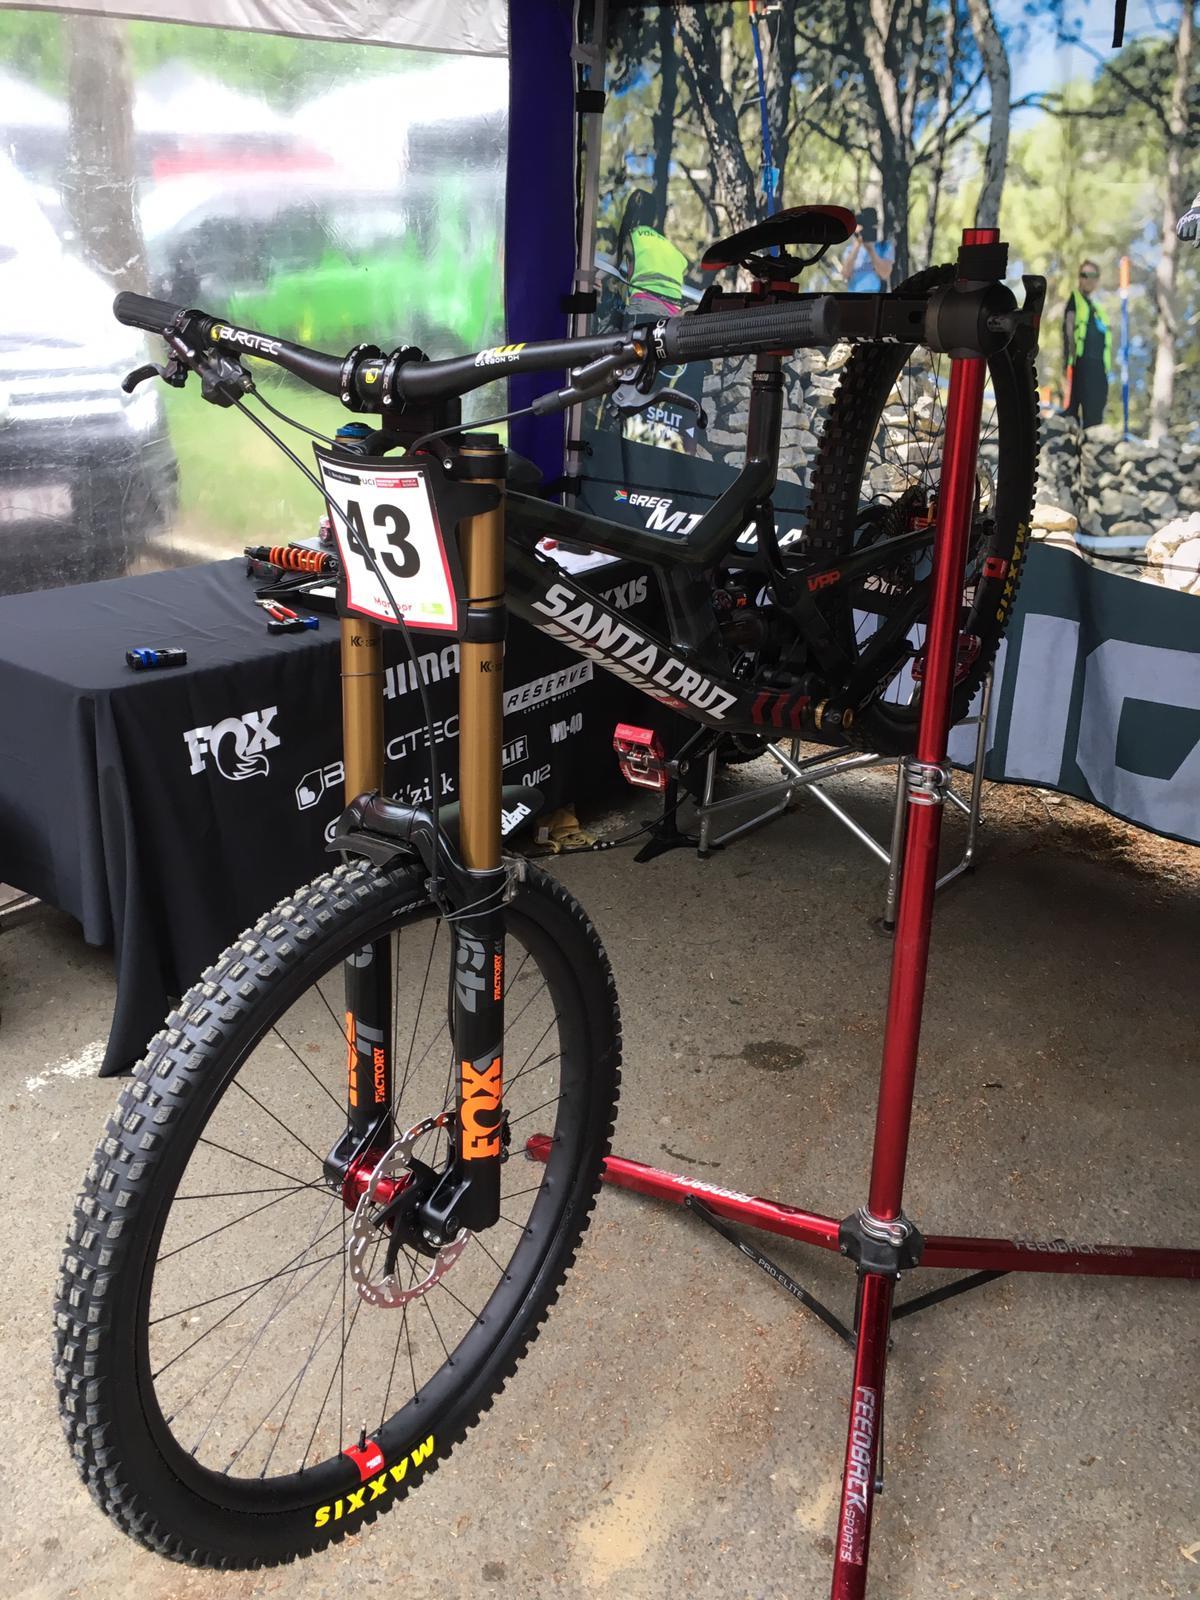 Greg Minnaar's new Santa Cruz V10 Downhill MTB bike